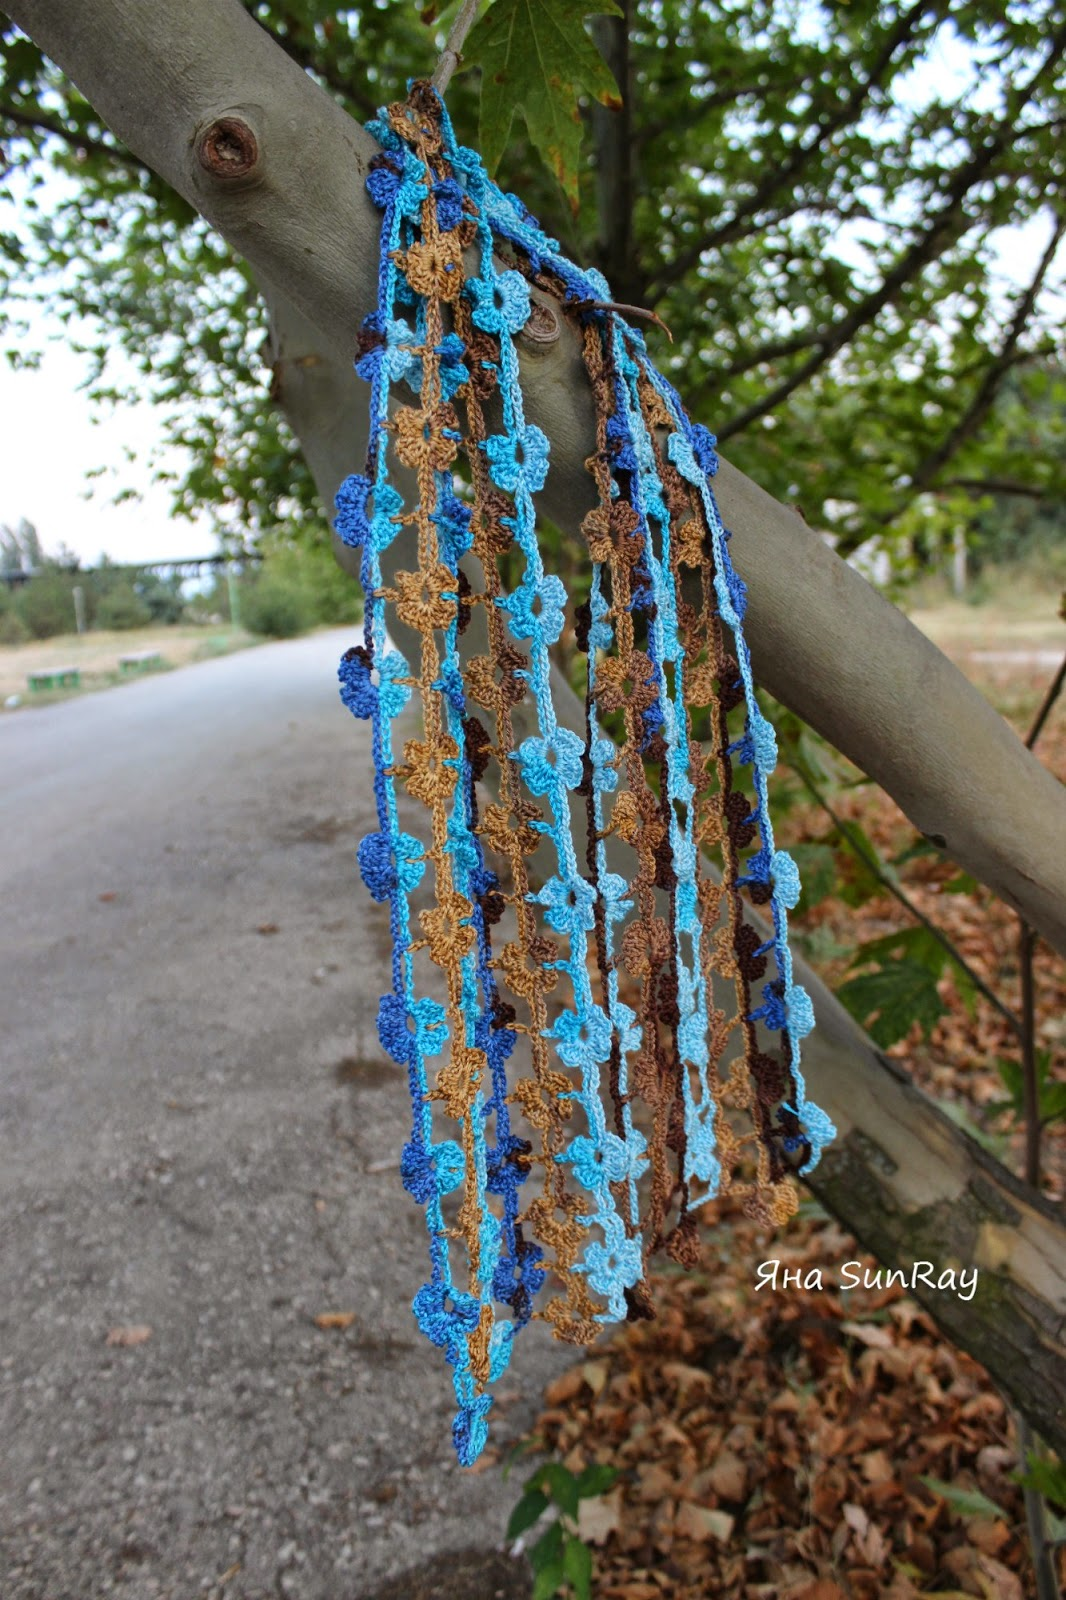 шарфик, оригинальный шарфик,  красивый шарфик, купить шарфик, вязание на заказ, вязание на заказ по Украине, платок-бактус, шаль спицами, легкий шарф, ажурный шарф, настроение своими руками